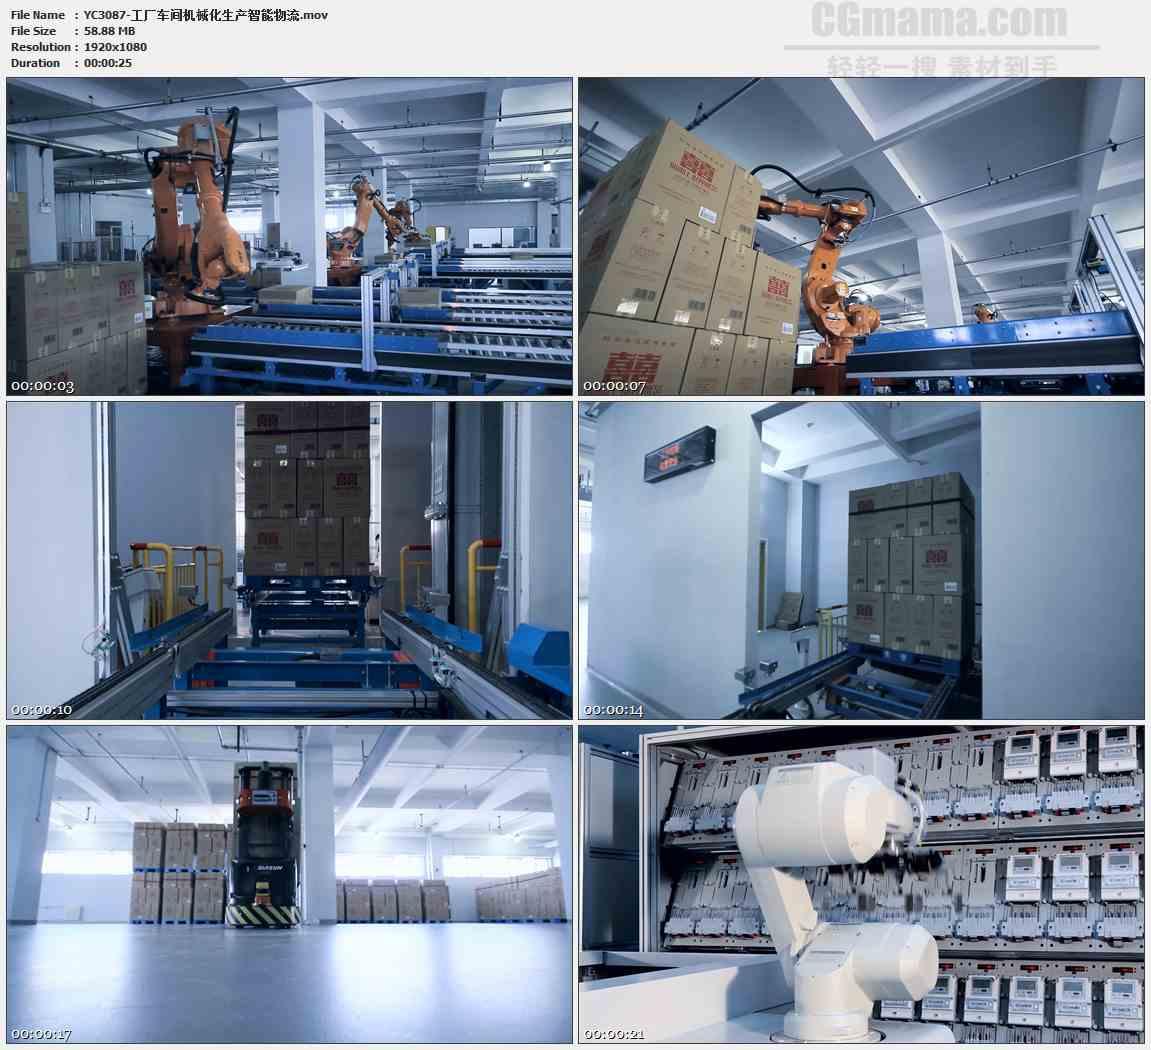 YC3087-工厂车间机械化生产智能物流高清实拍视频素材